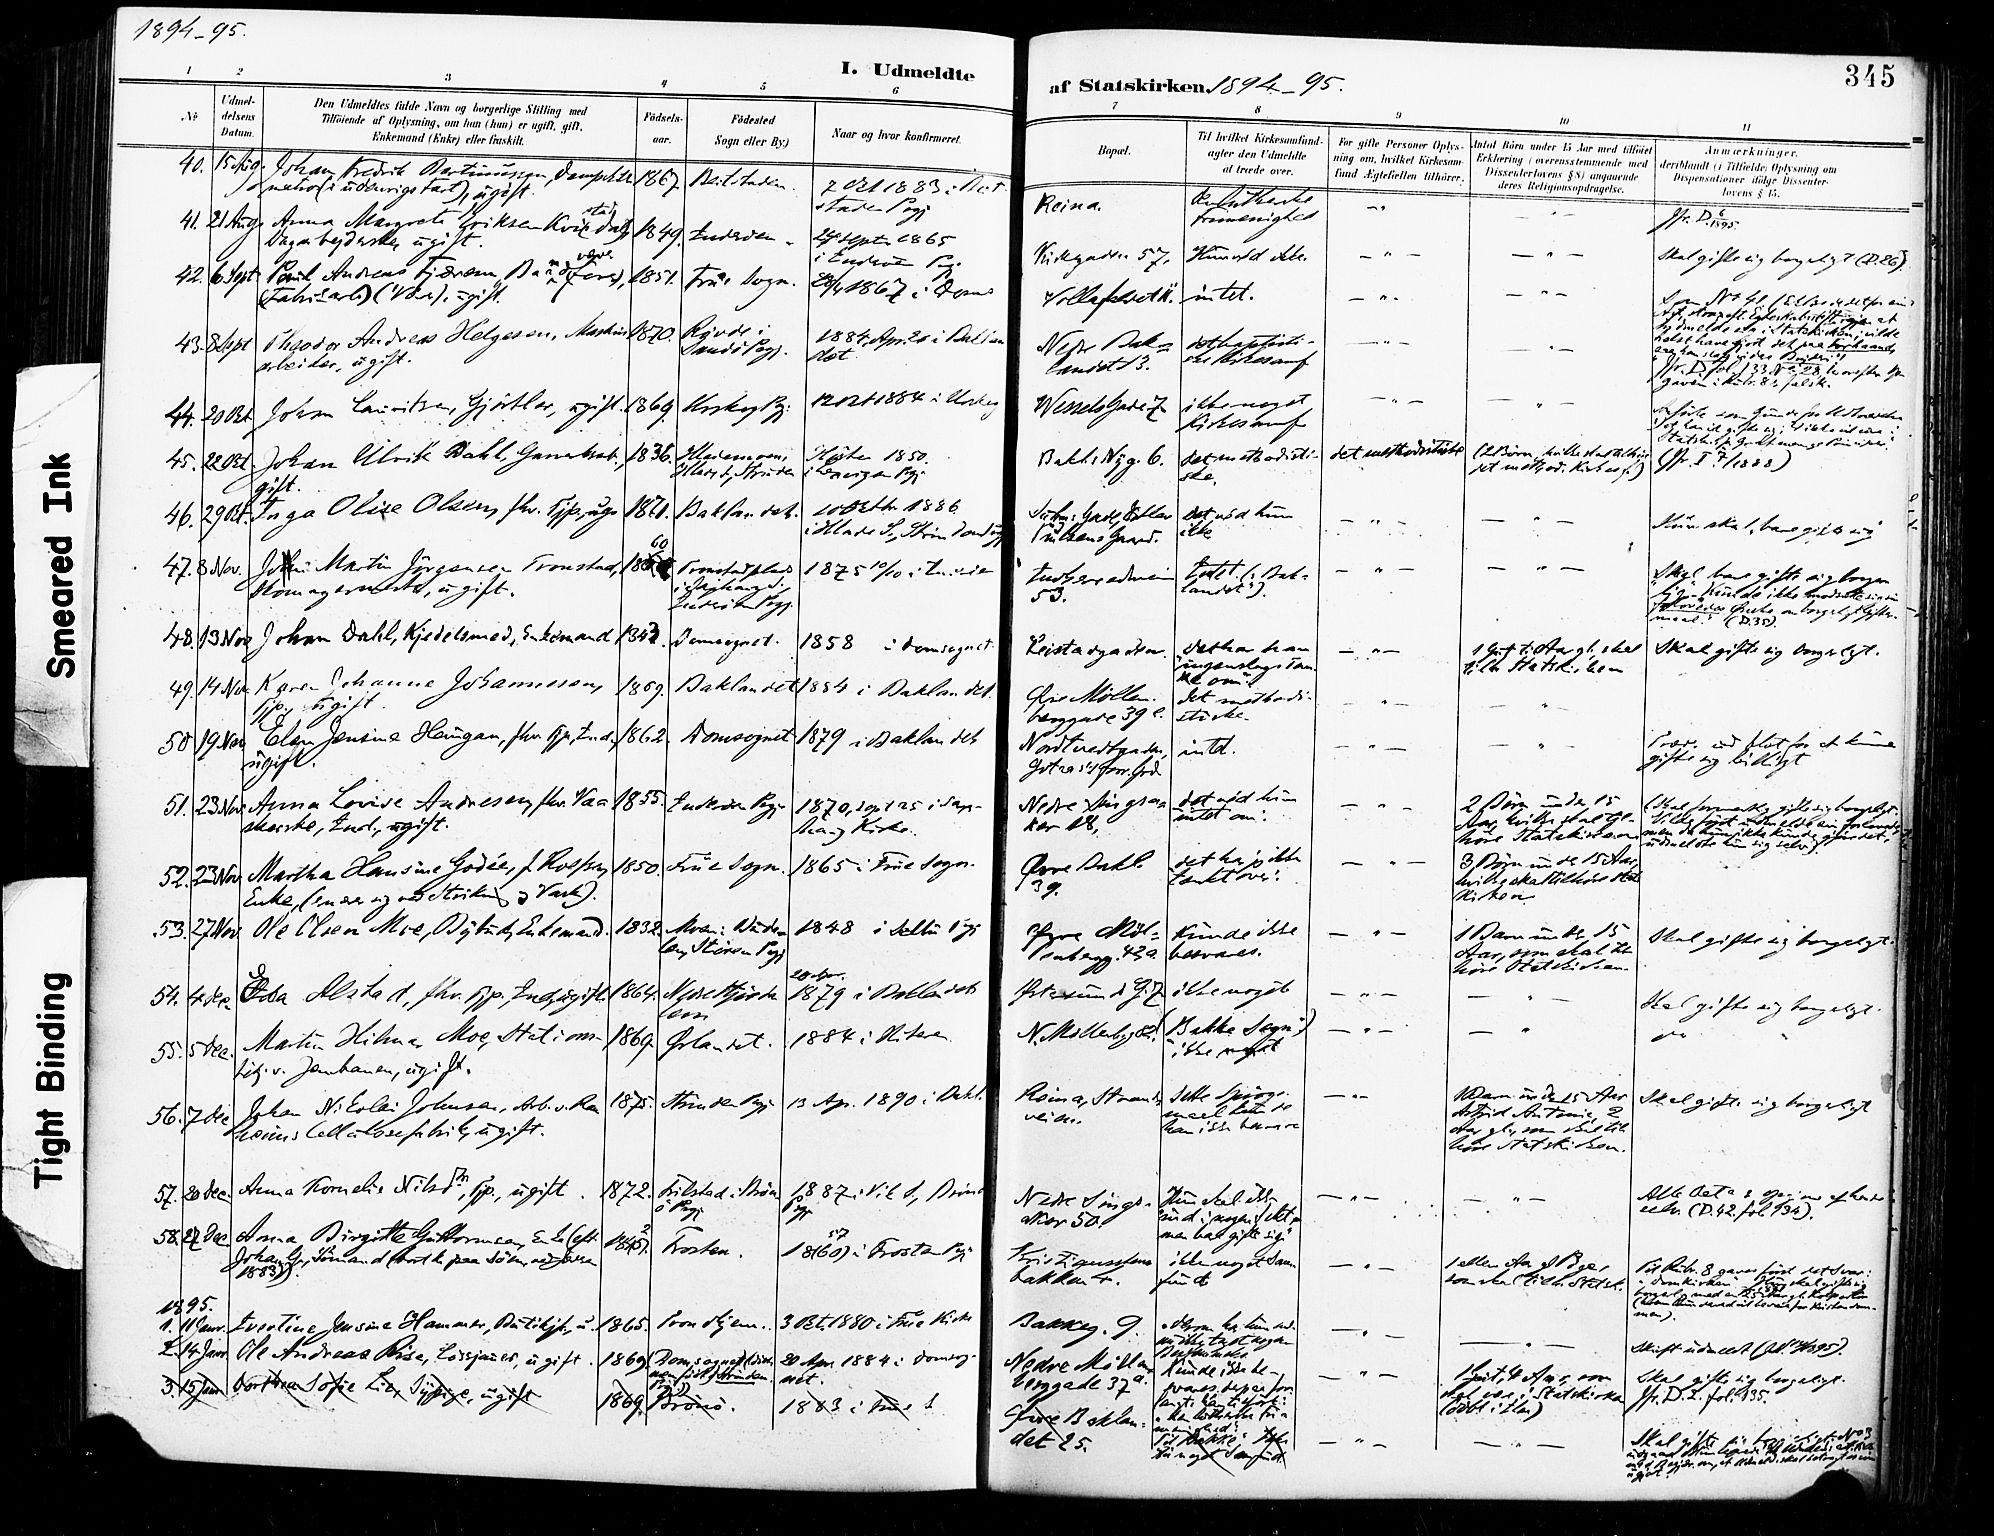 SAT, Ministerialprotokoller, klokkerbøker og fødselsregistre - Sør-Trøndelag, 604/L0198: Ministerialbok nr. 604A19, 1893-1900, s. 345